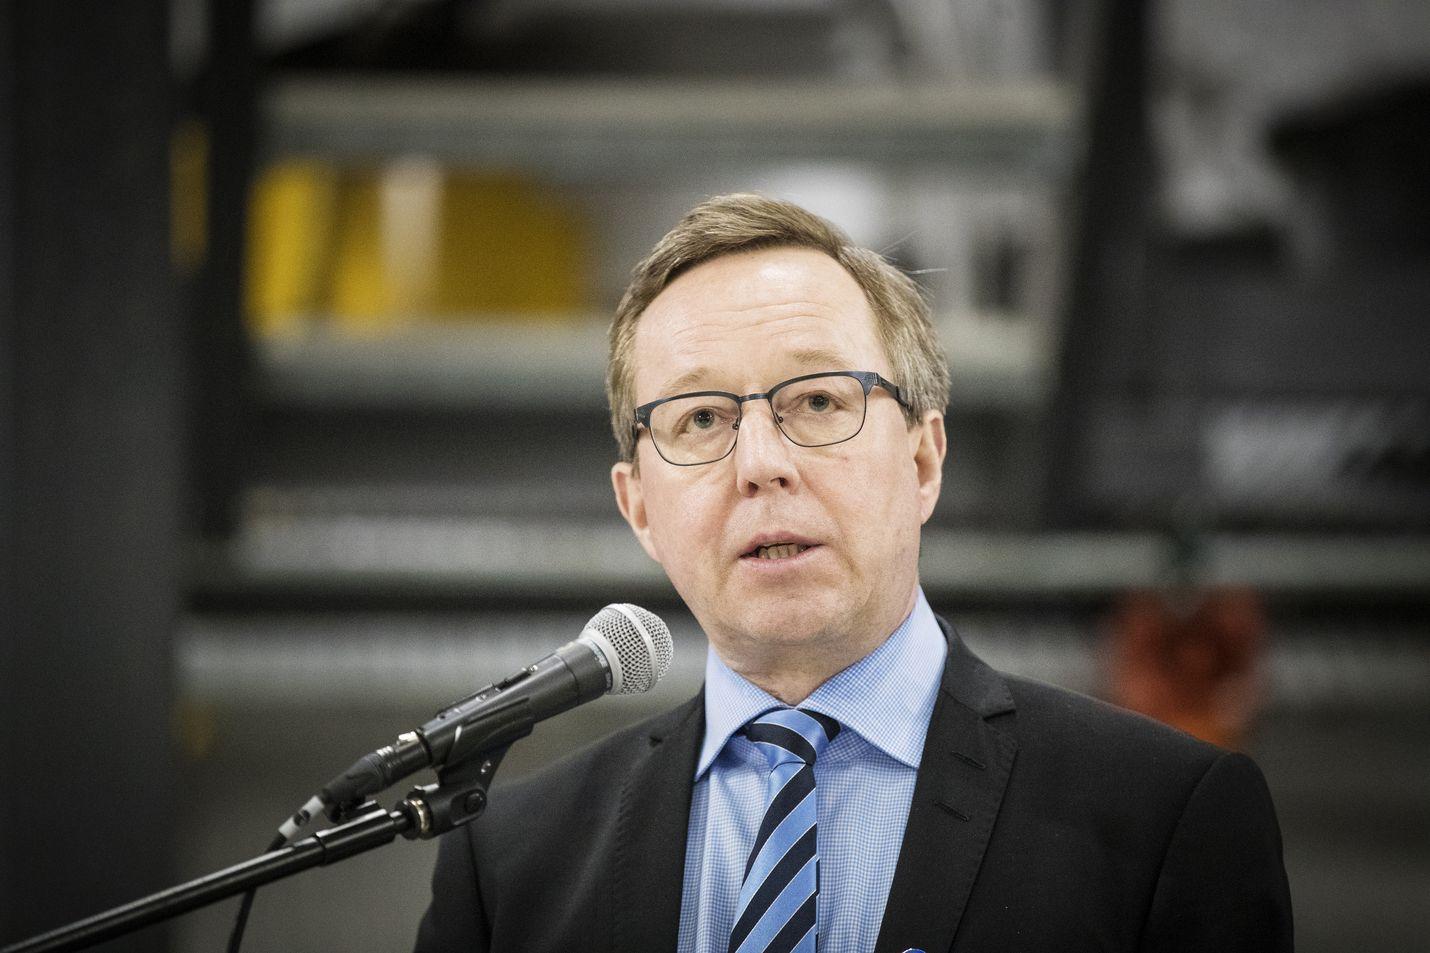 Elinkeinoministeri Mika Lintilän (kesk.) mukaan Naantaliin valitaan selvityshenkilö. Neste kaavailee öljyjalostamon lakkautusta kaupungista.